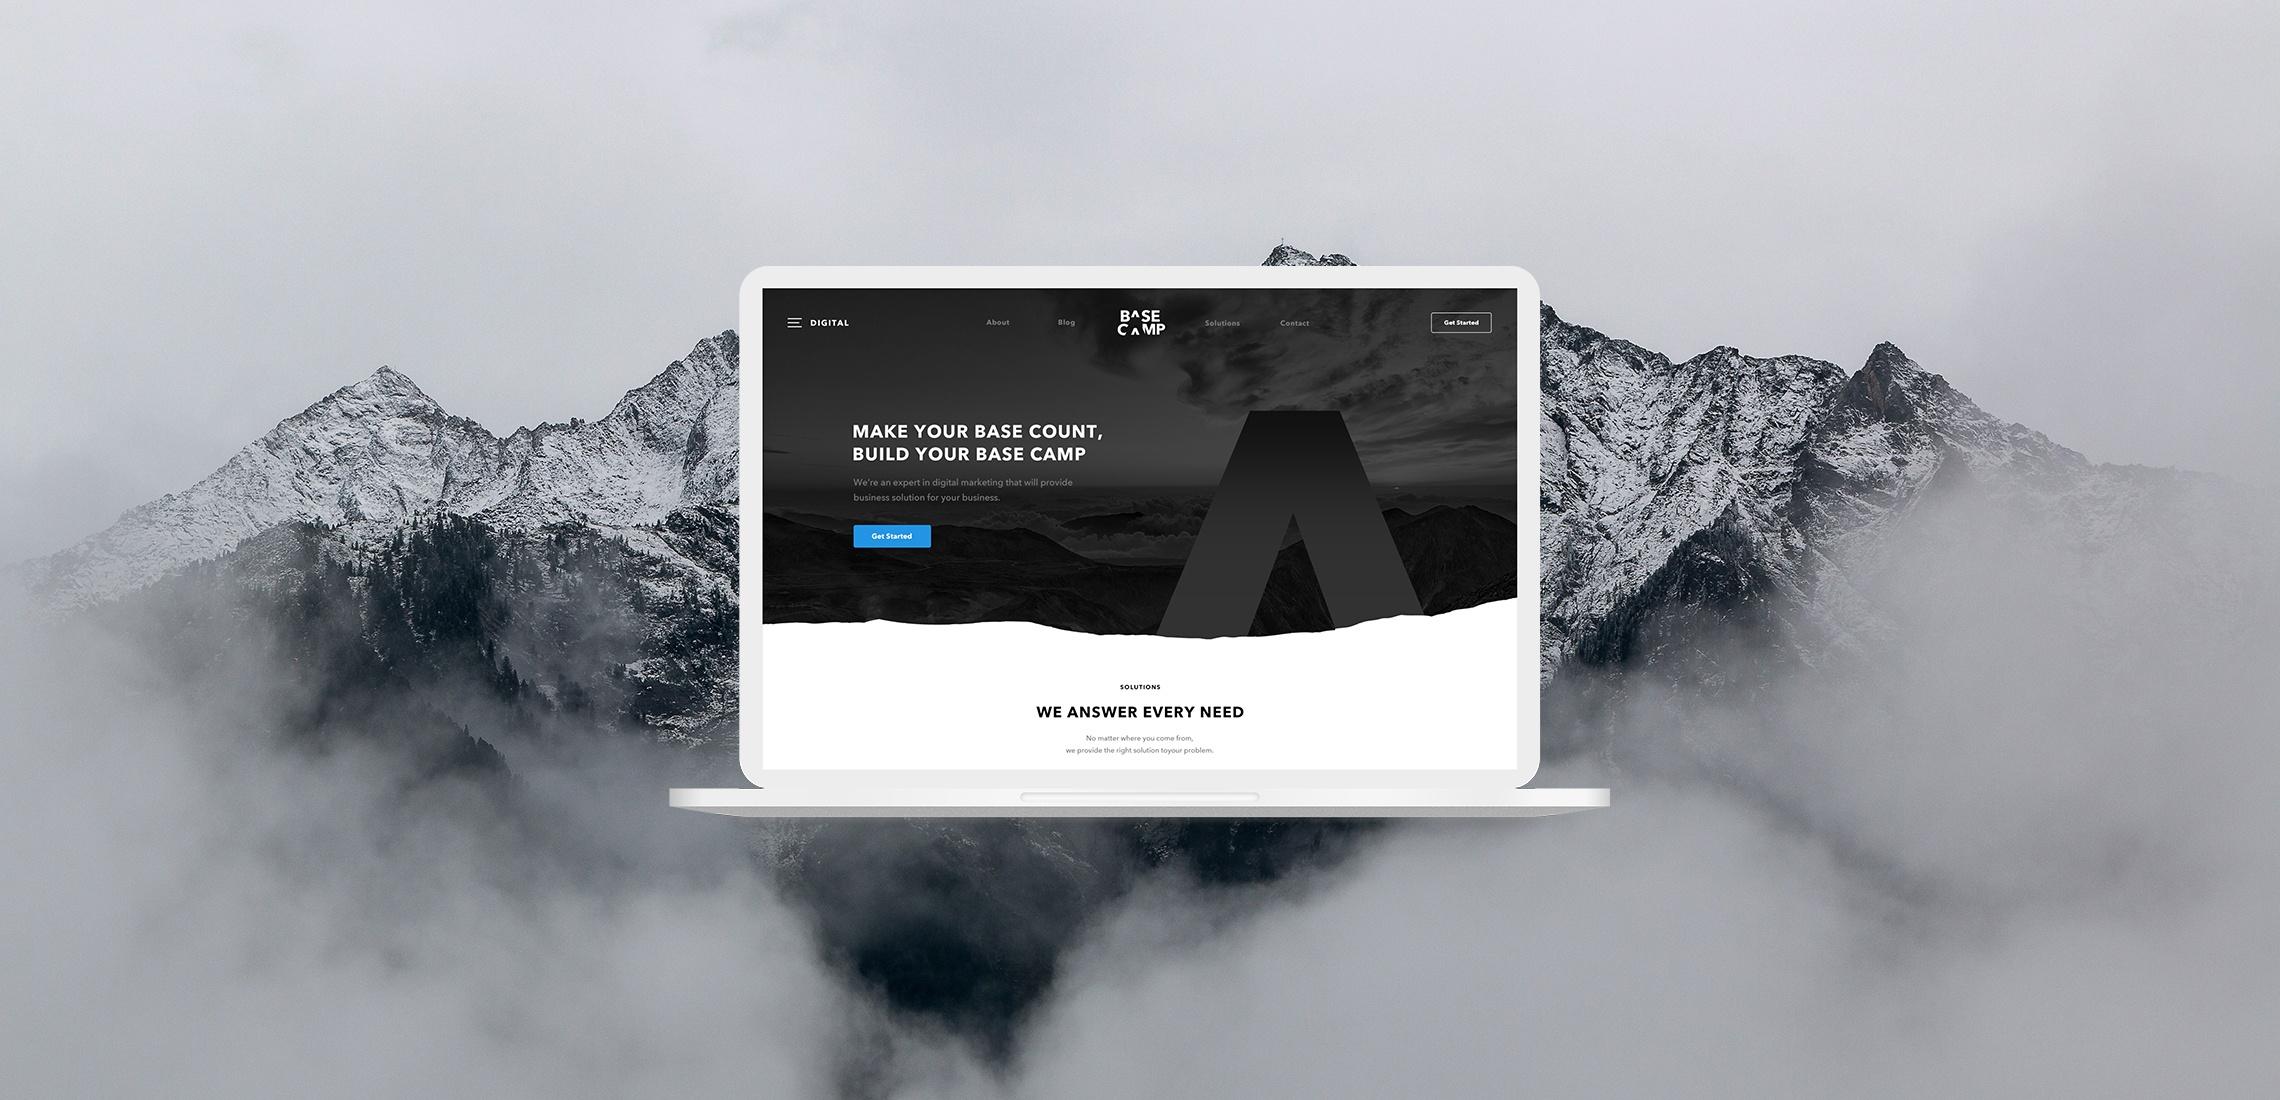 เป็นเจ้าของ Website : ก้าวแรกสู่ภูเขา Digital Marketing